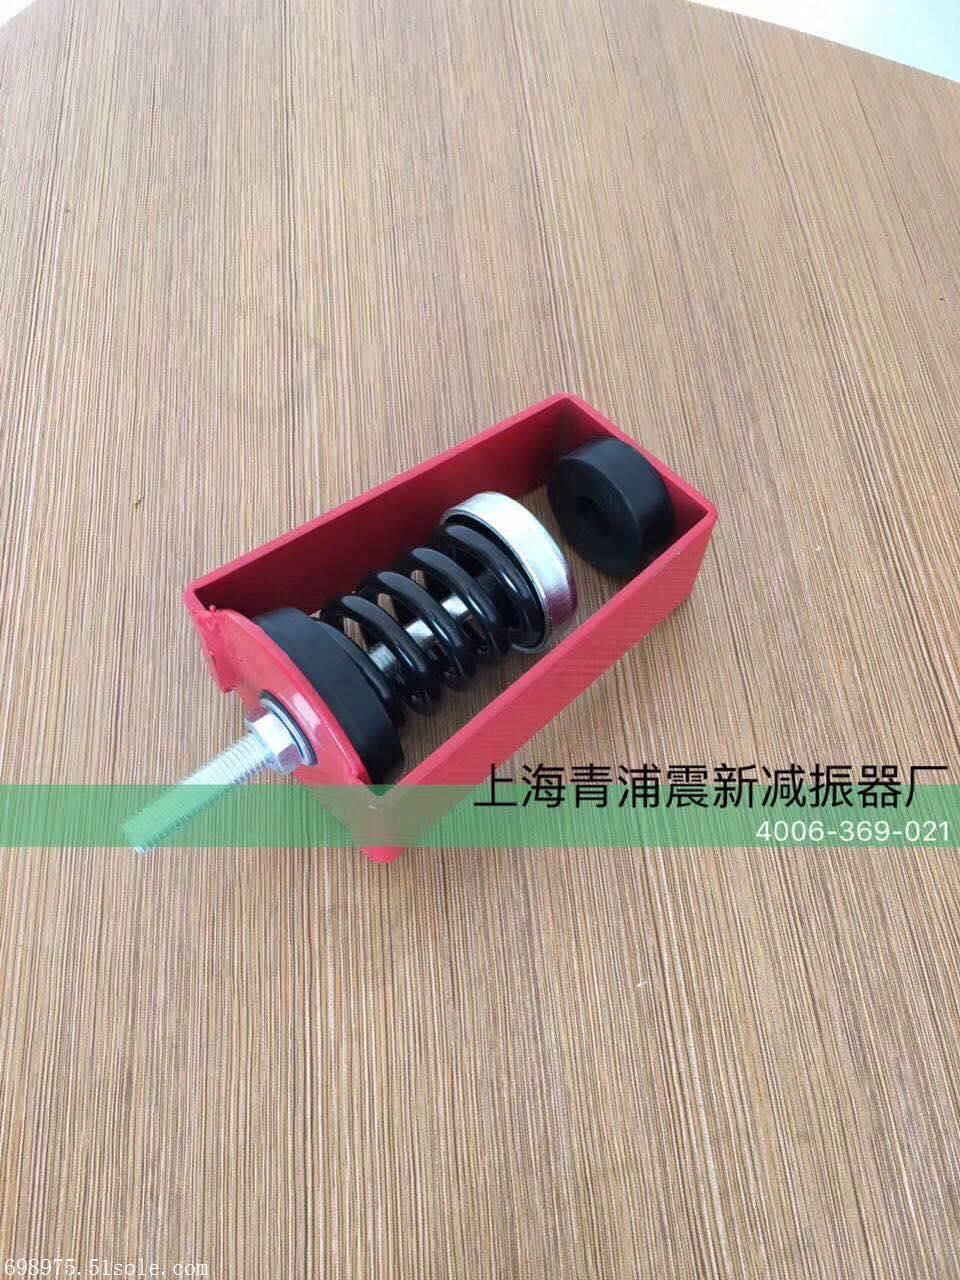 上海空調減振器